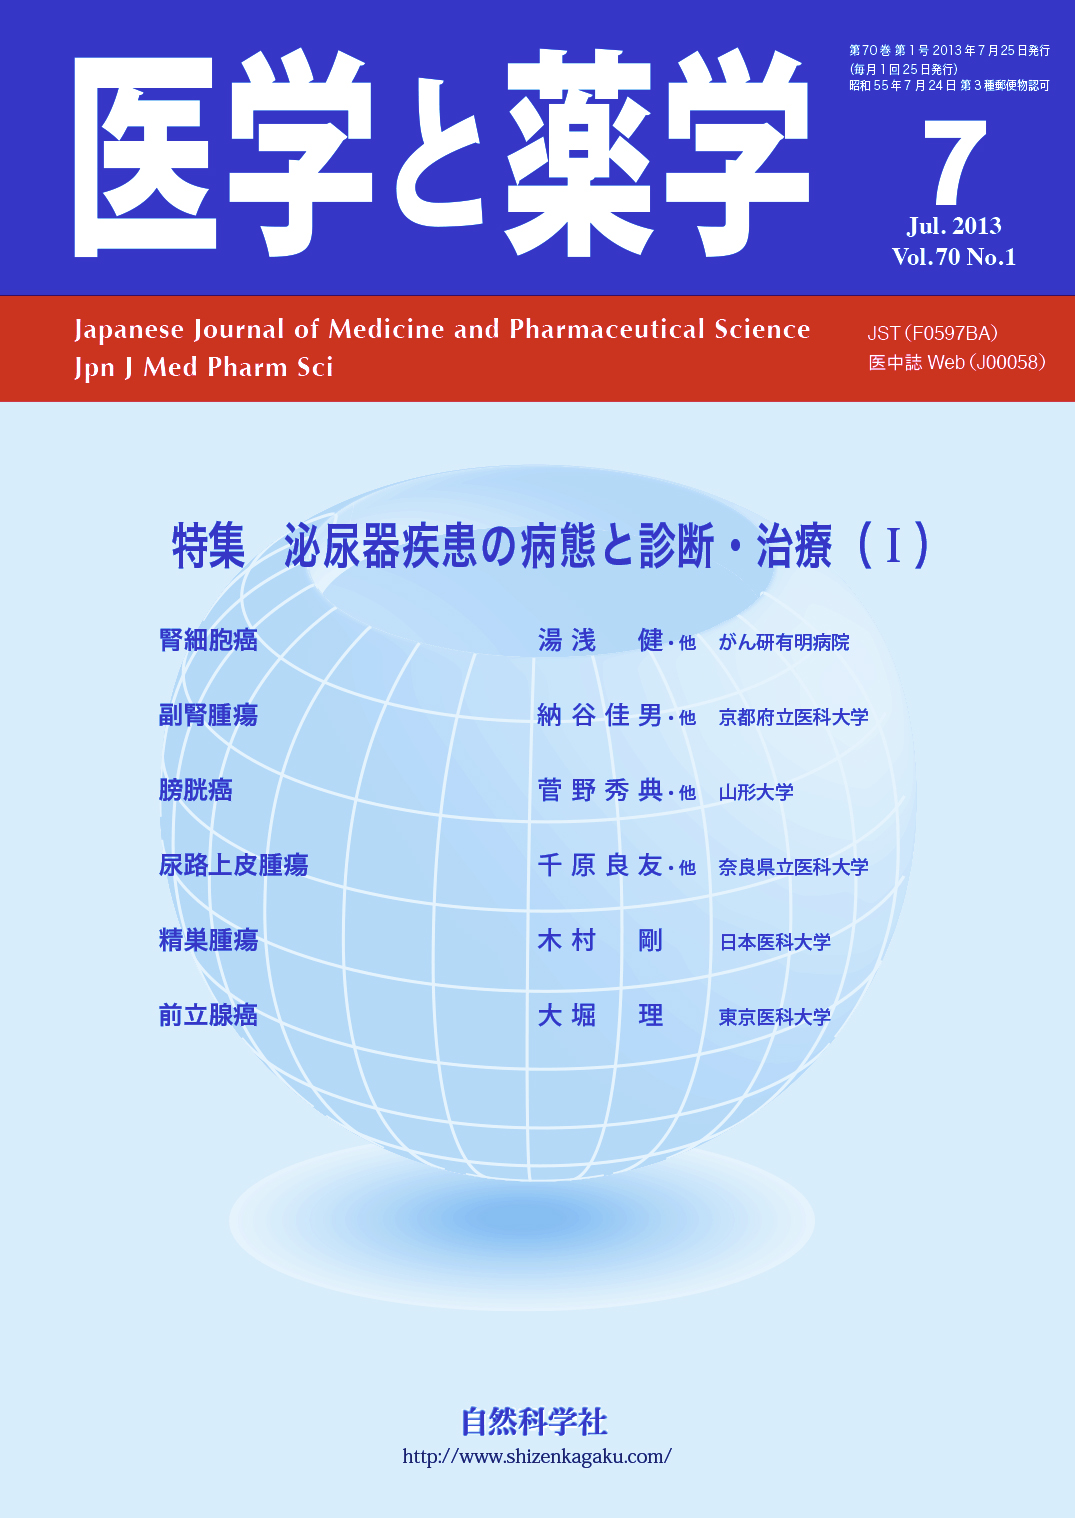 医学と薬学 70巻1号2013年7月